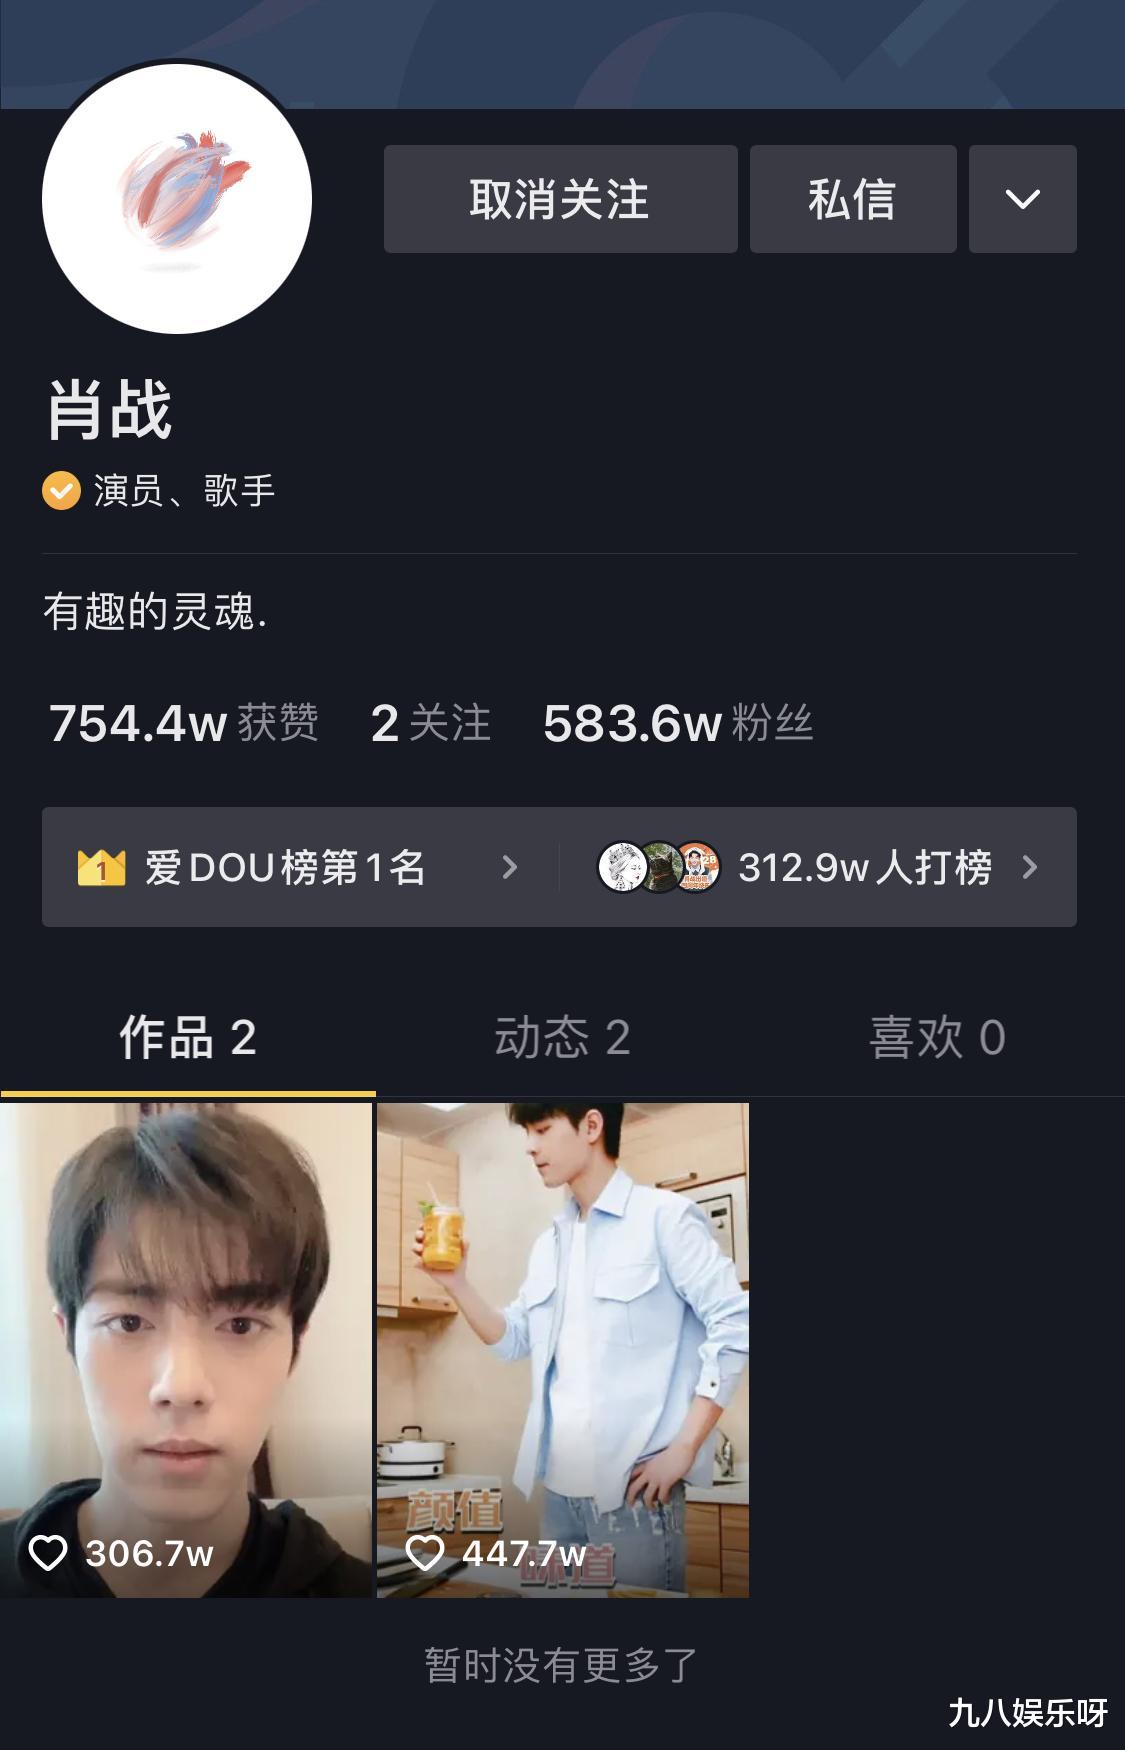 """肖戰發佈一個動態,直接登上愛豆榜第一名,""""黑子""""還在自欺欺人-圖3"""